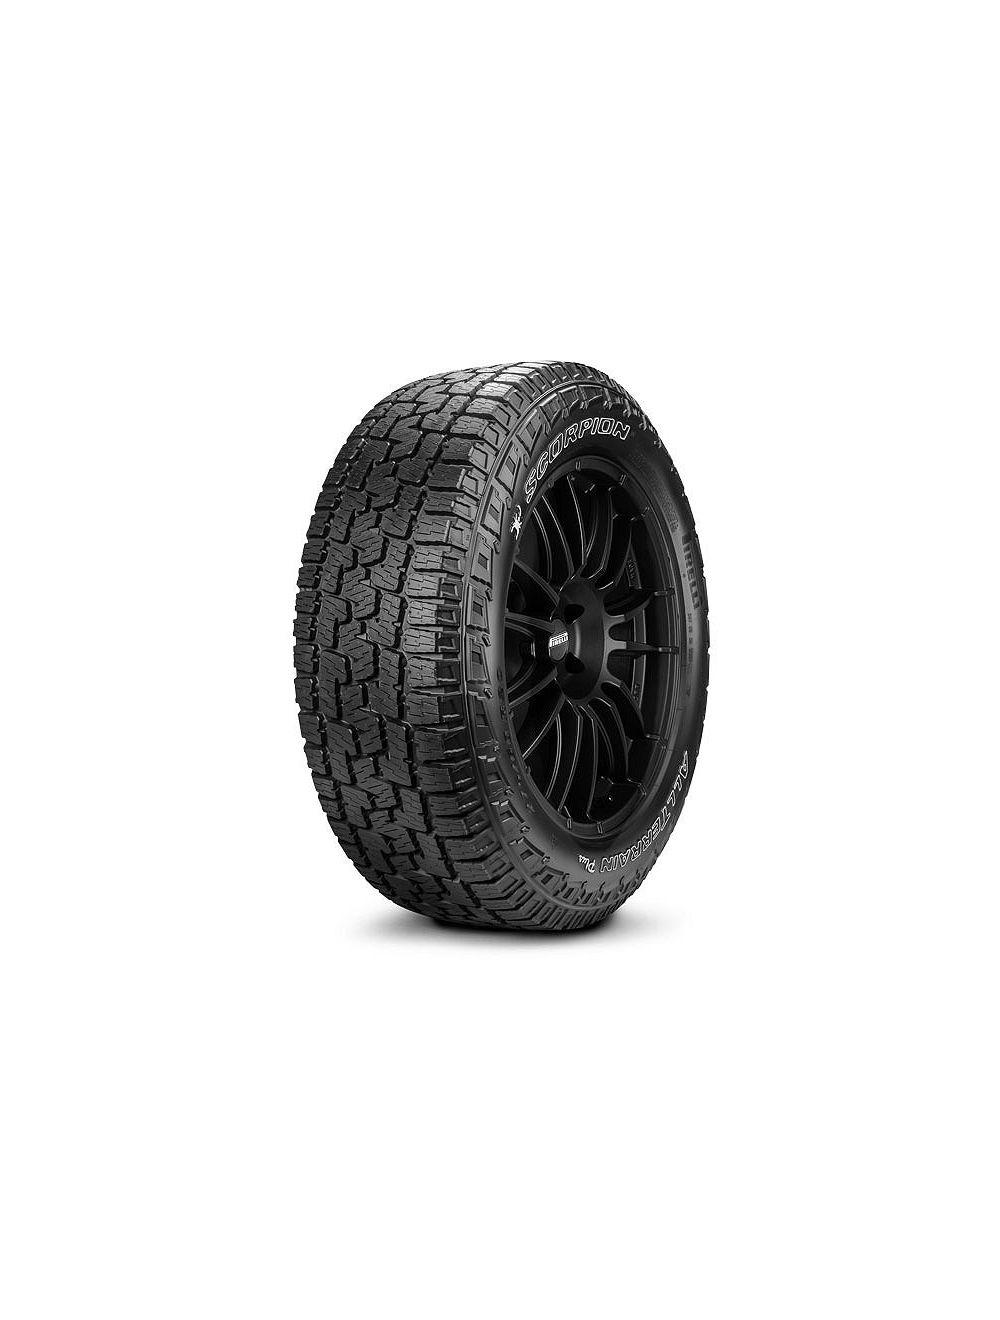 Pirelli 275/55R20 T Scorpion A/T Plus OWL Nyári gumi